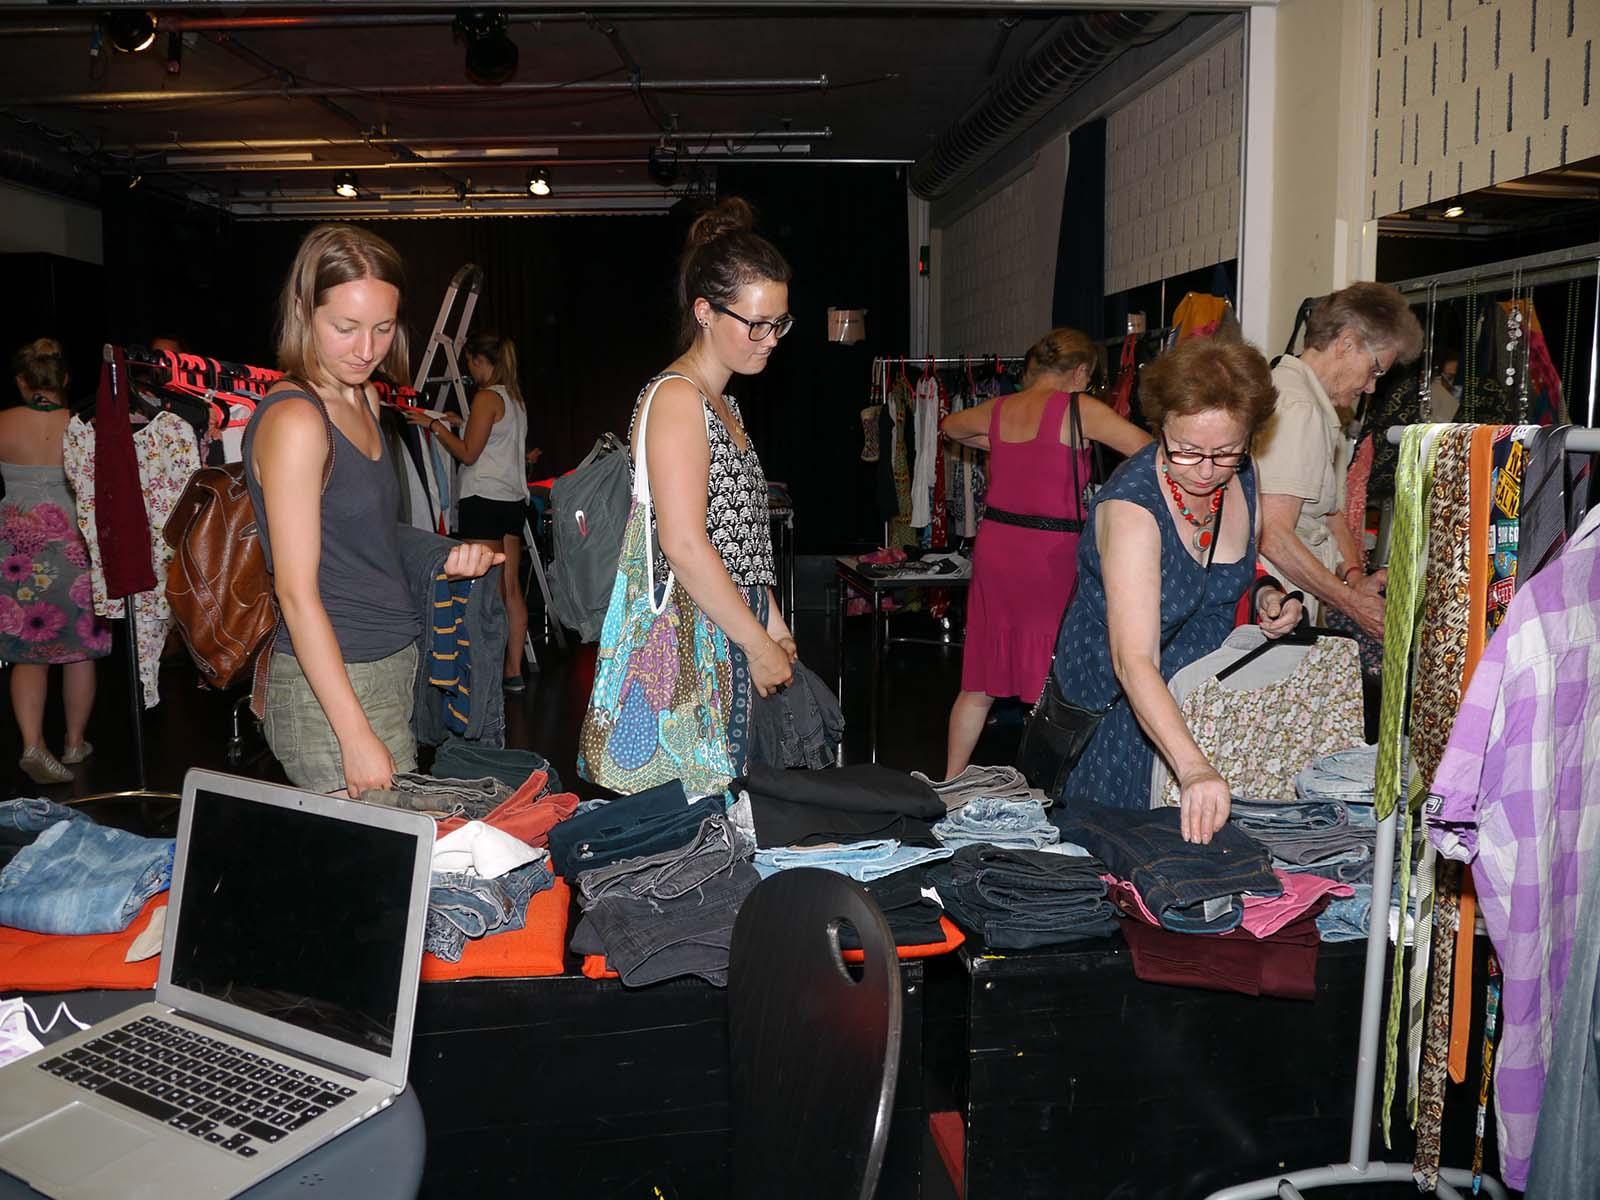 Der Frauenkleidertausch kann Ende März unter Einhaltung der BAG Schutzmassnahmen hoffentlich durchgeführt werden.